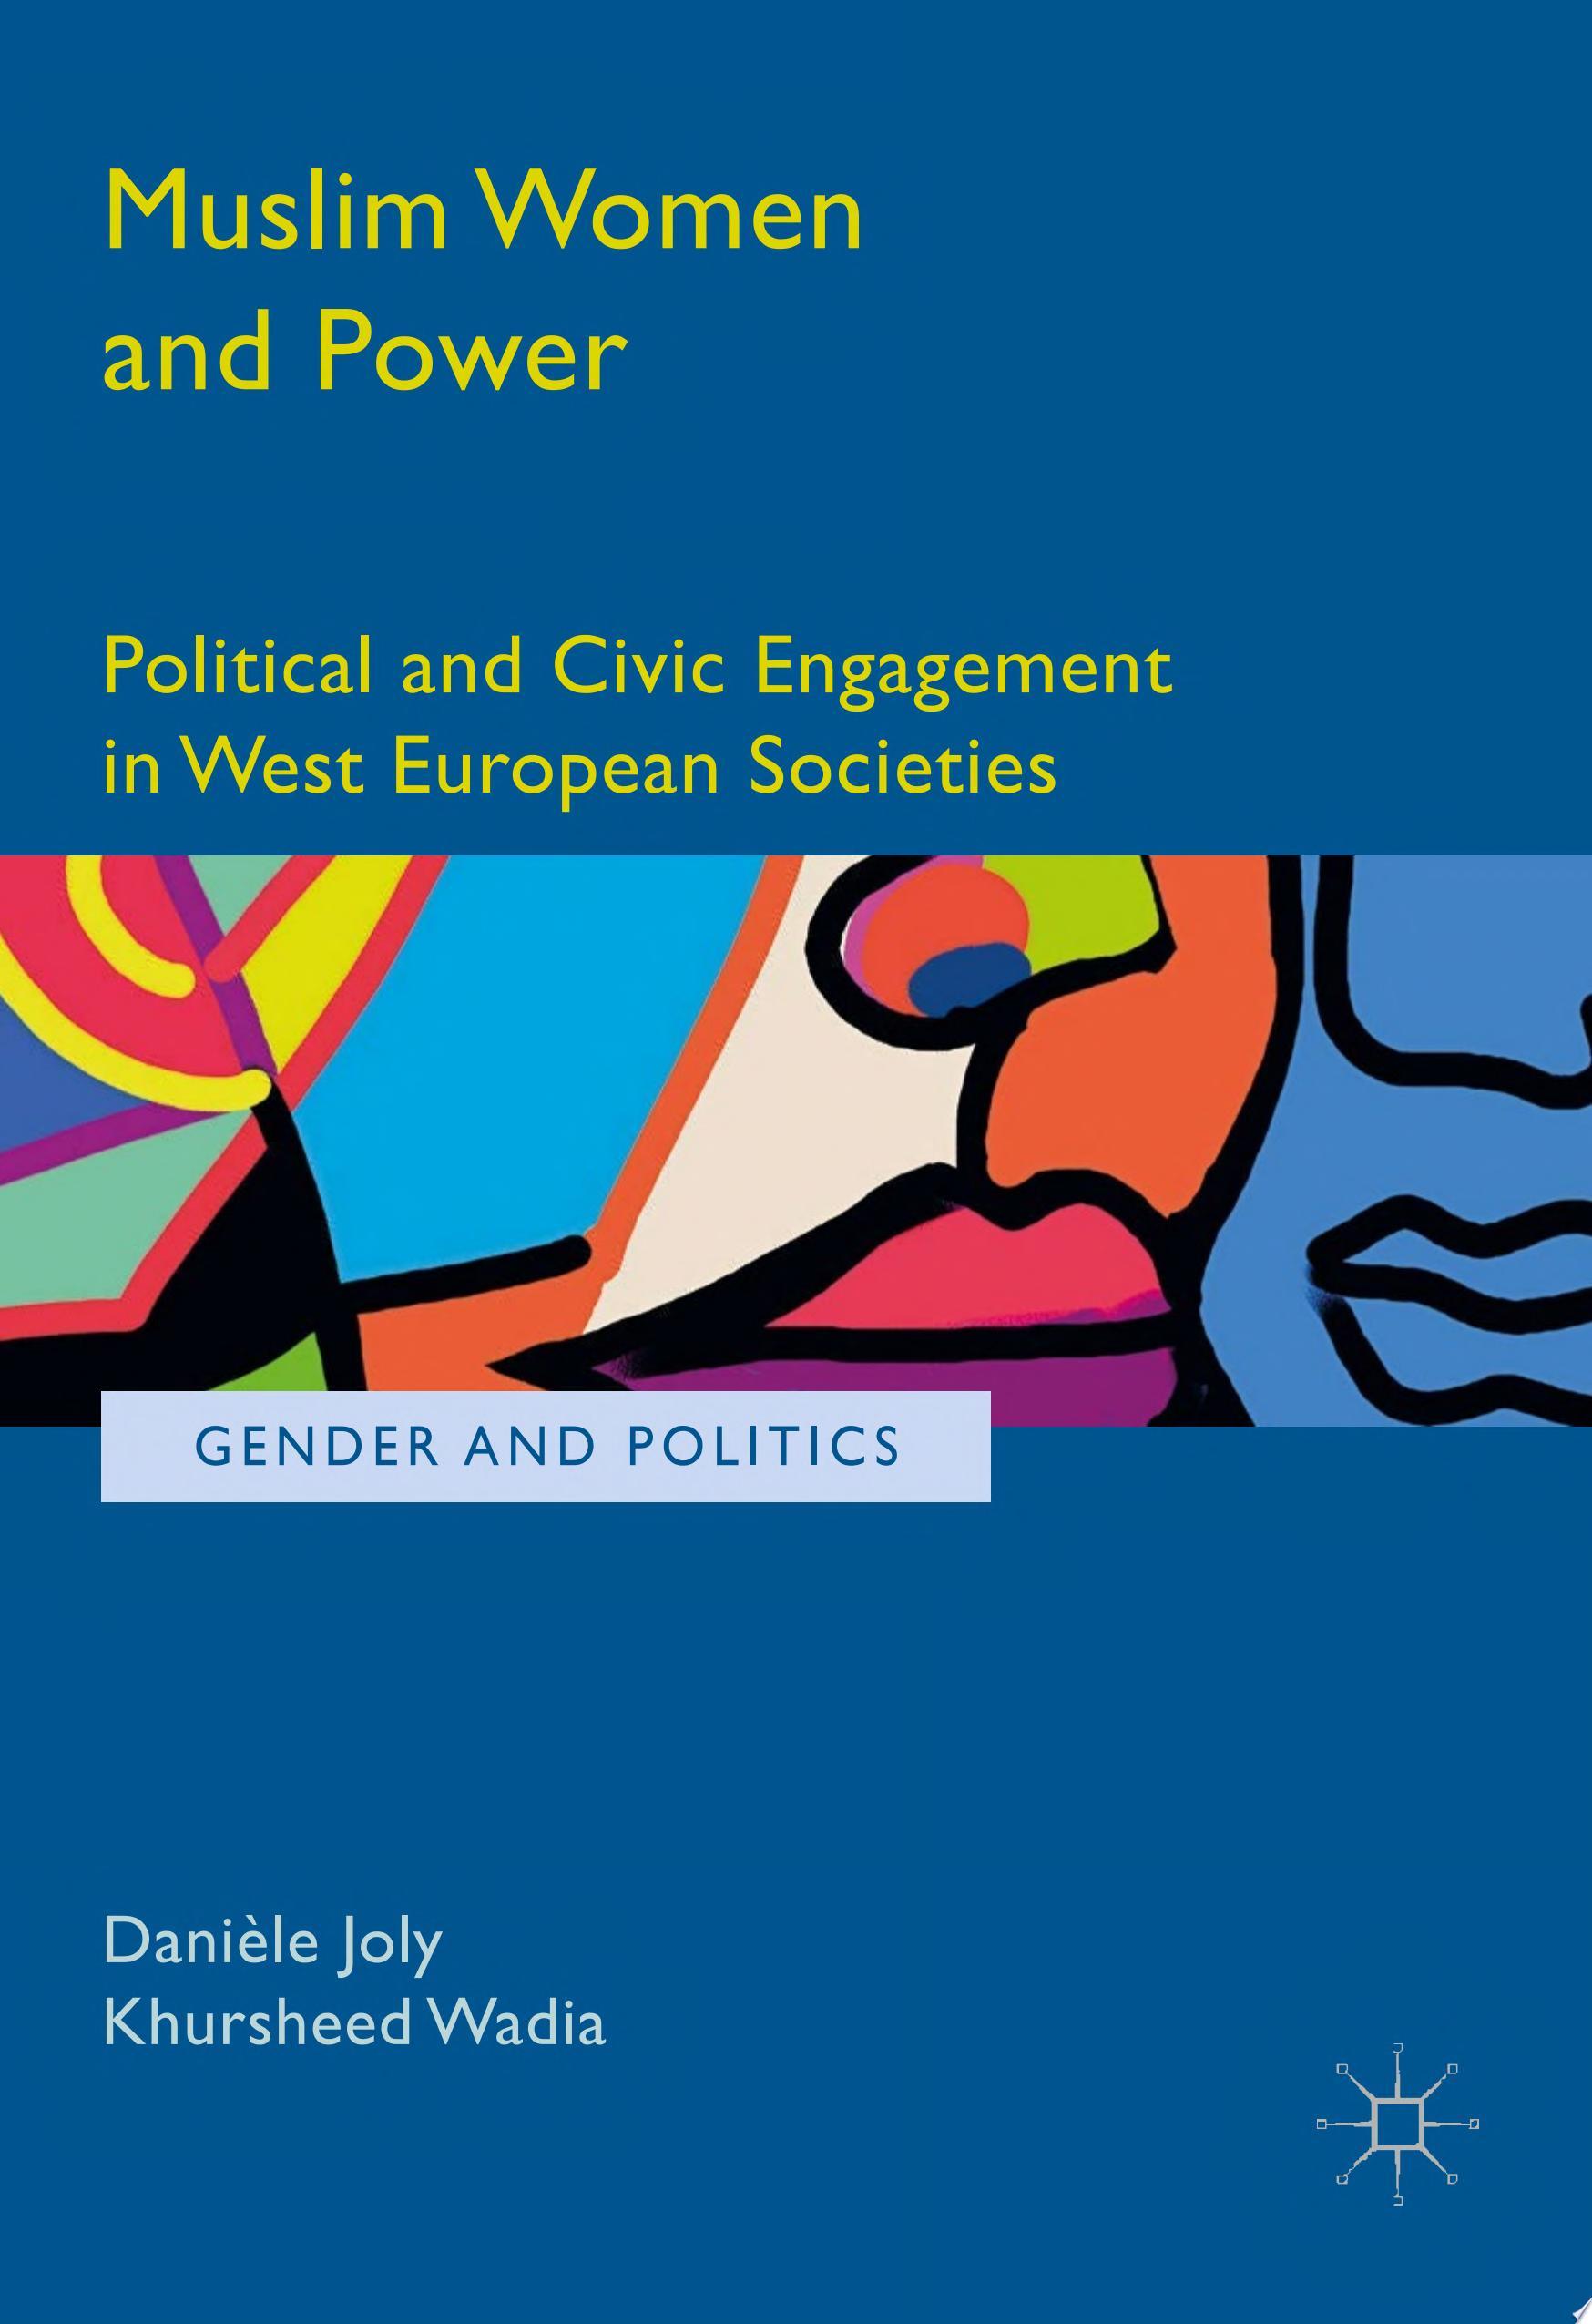 Muslim Women and Power